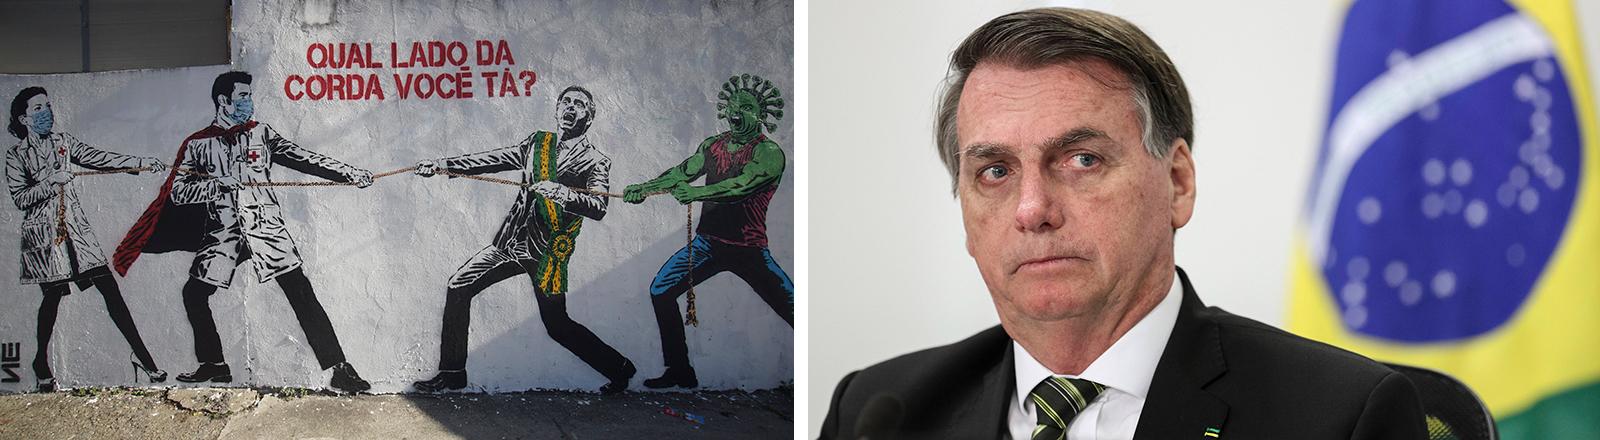 Collage: Ein brasilianisches Graffiti, das sich mit der Situation des Landes in der Corona-Krise auseinandersetzt. Ein Porträt des brasilianischen Präsidenten Jair Bolsonaro.